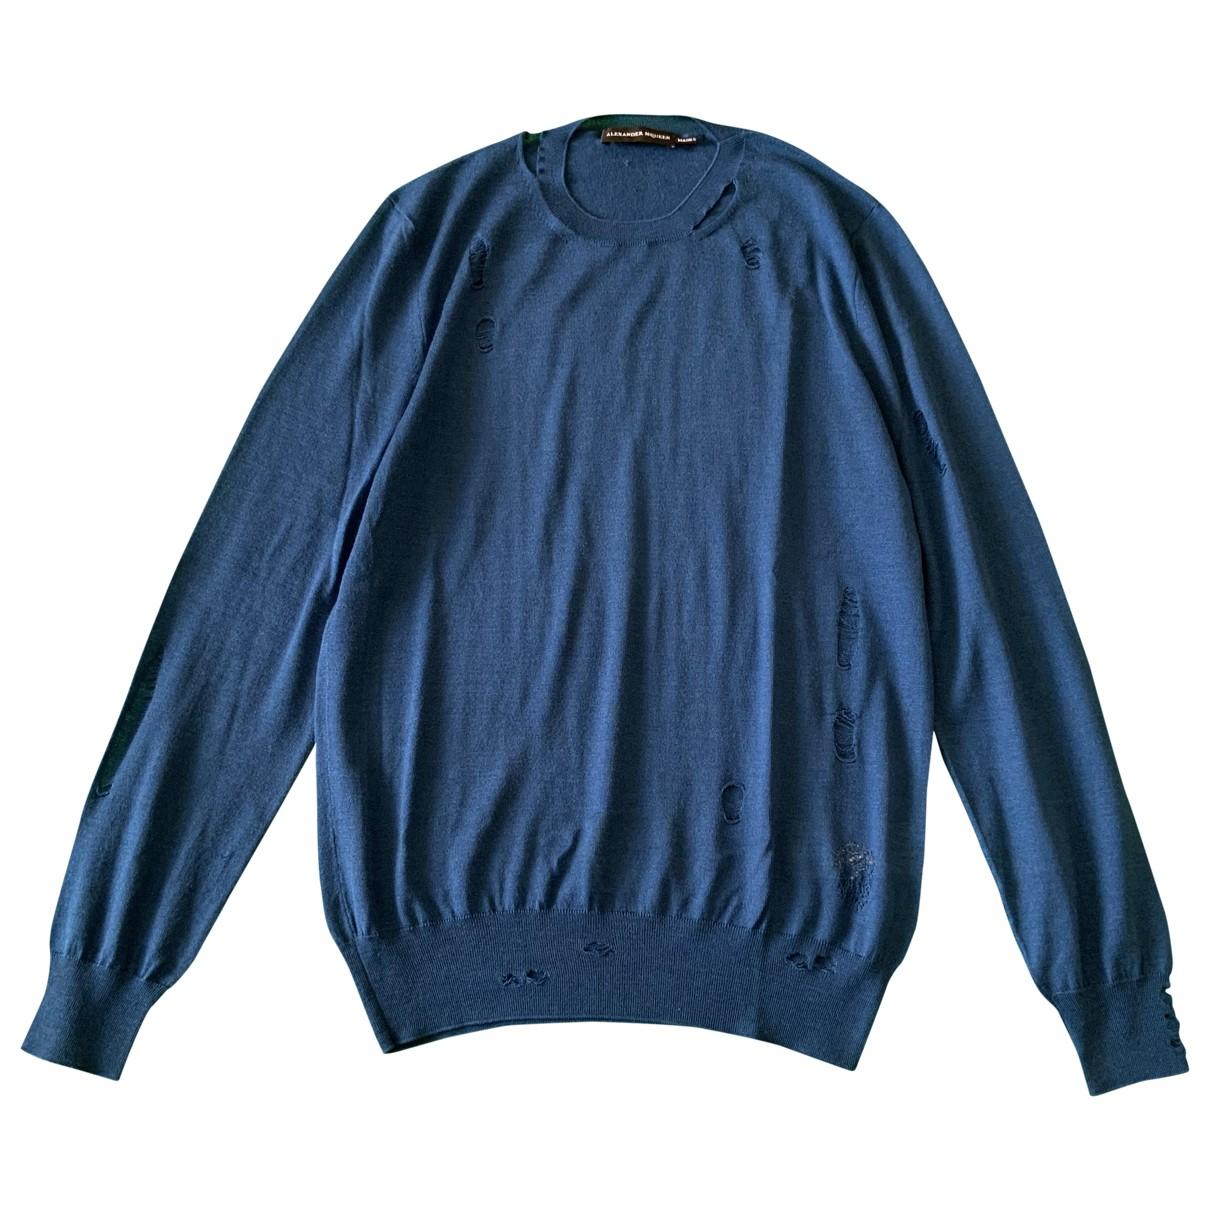 Alexander Mcqueen - Pulls.Gilets.Sweats   pour homme en laine - bleu